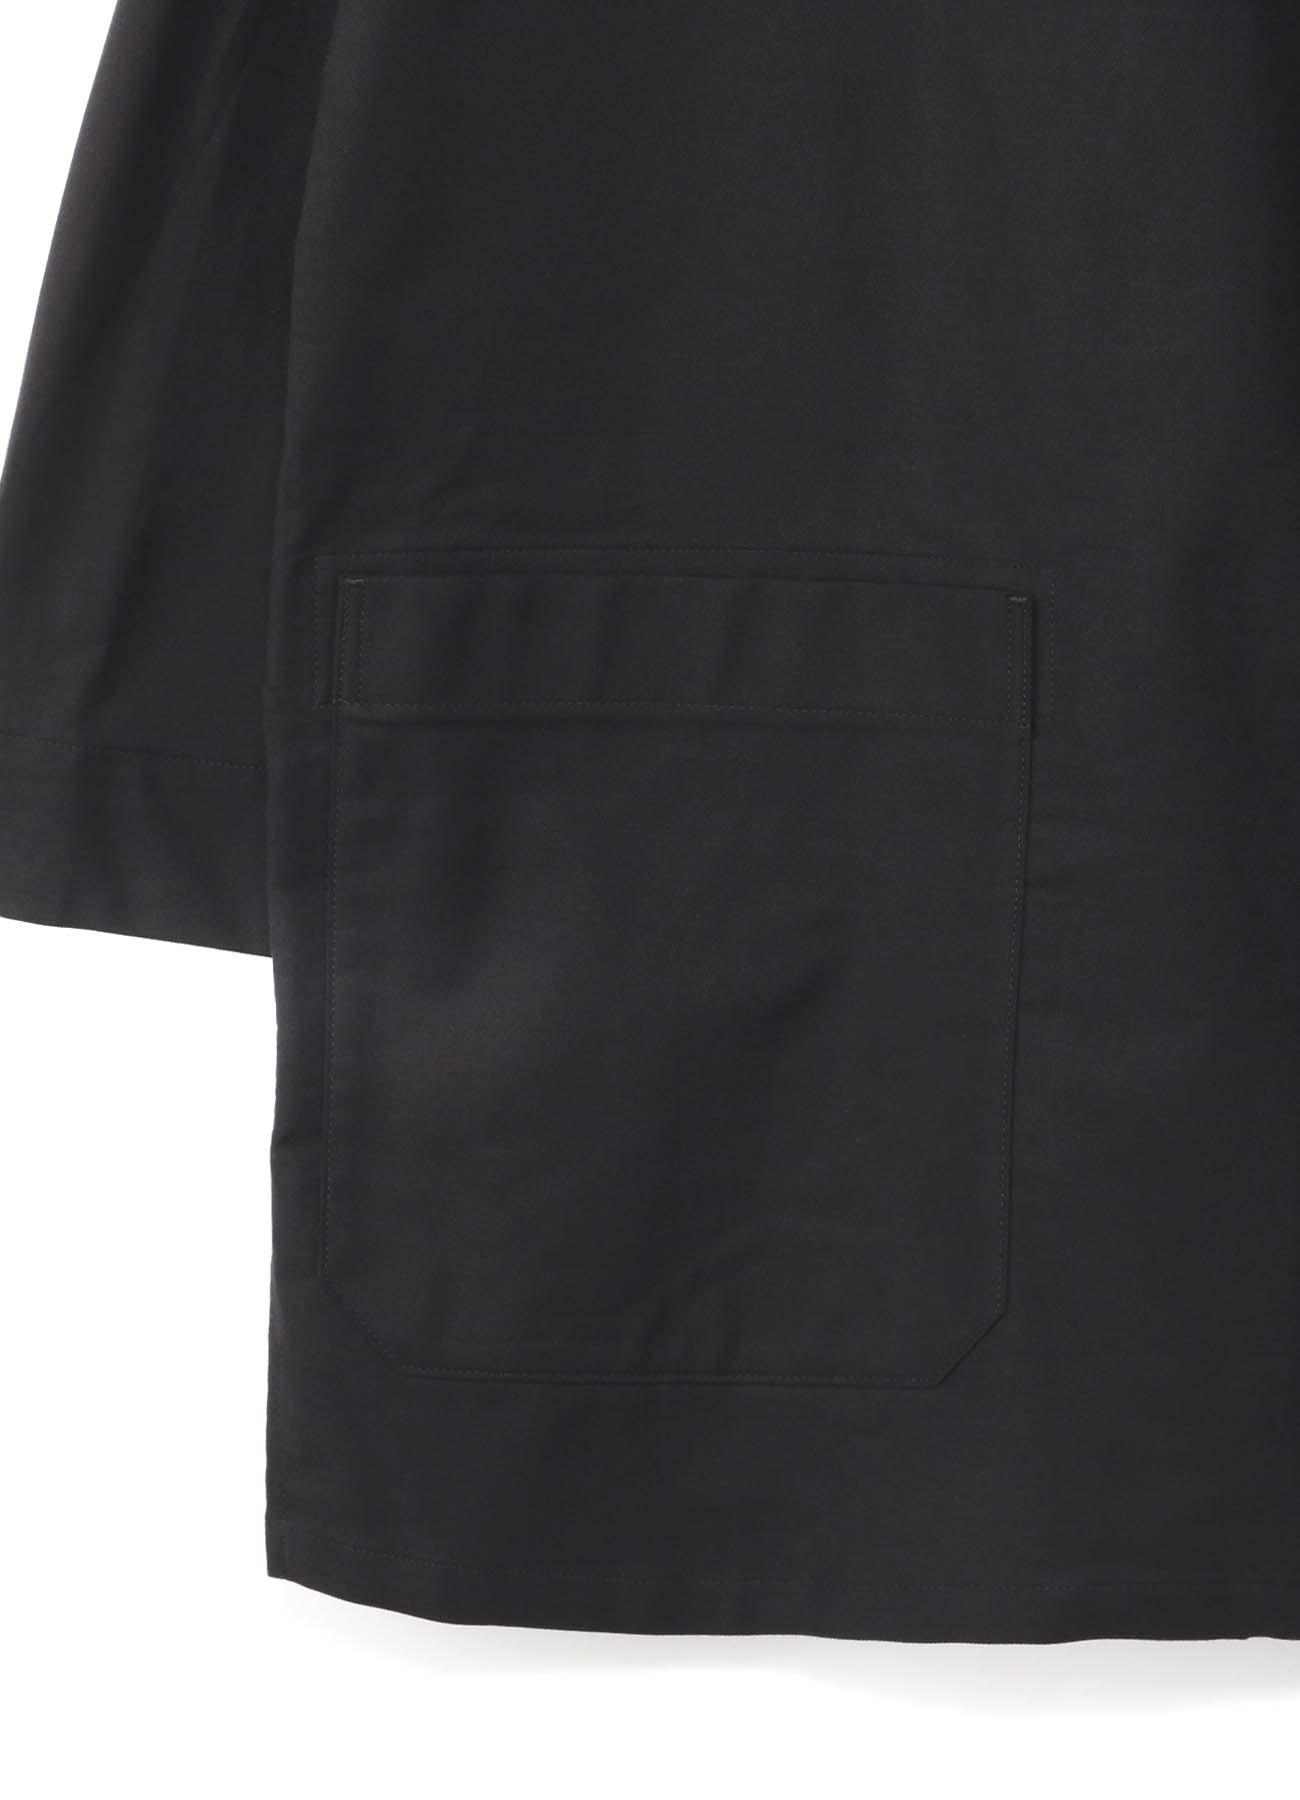 BLACK Scandal刺繍ツイル 右胸内ポケットブラウス